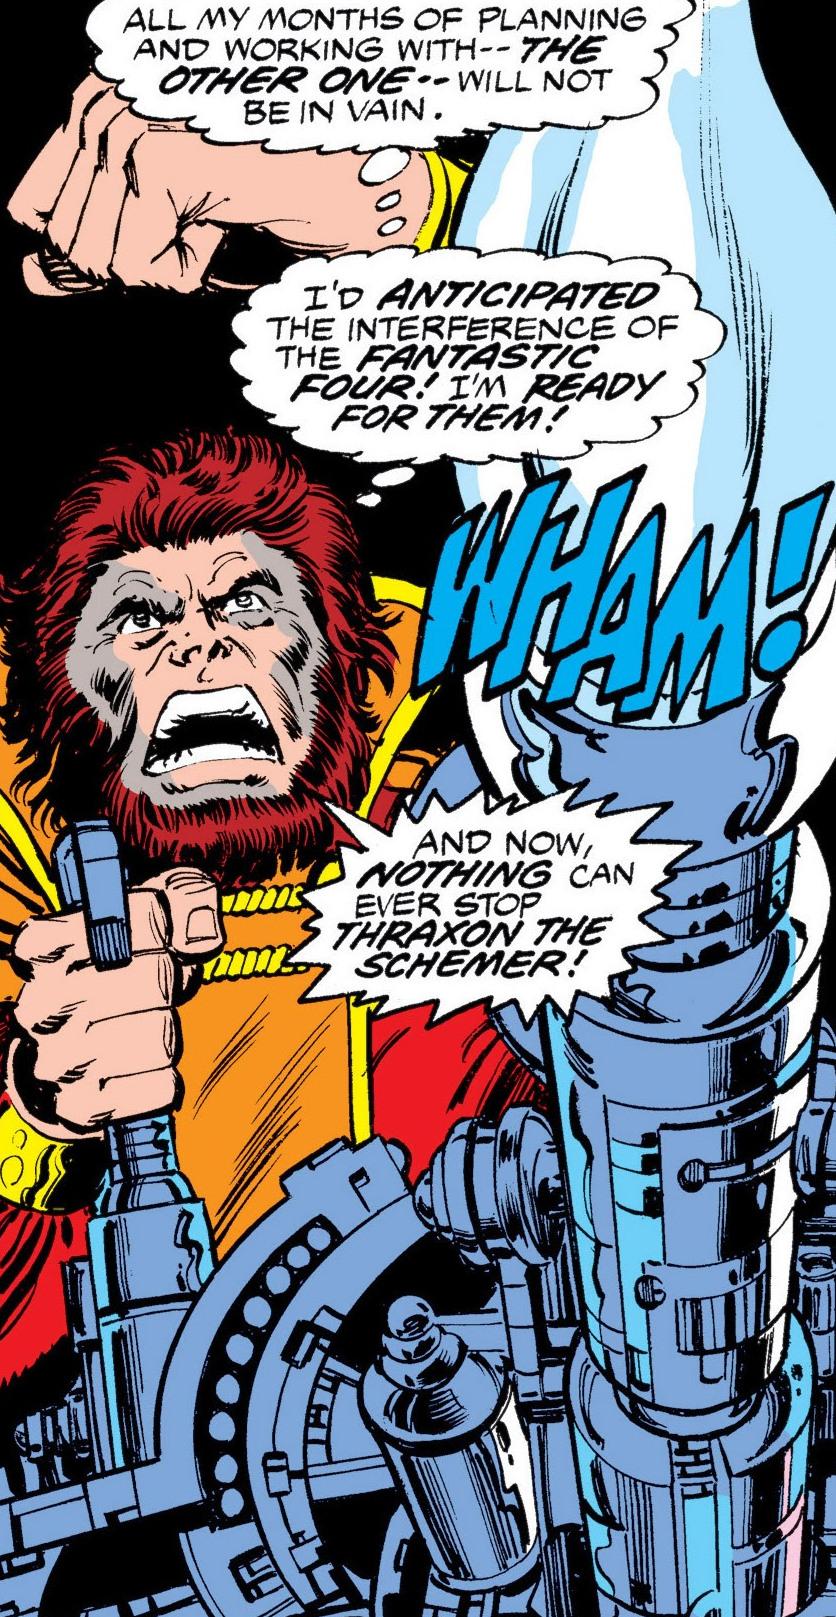 Thraxon (Earth-616)